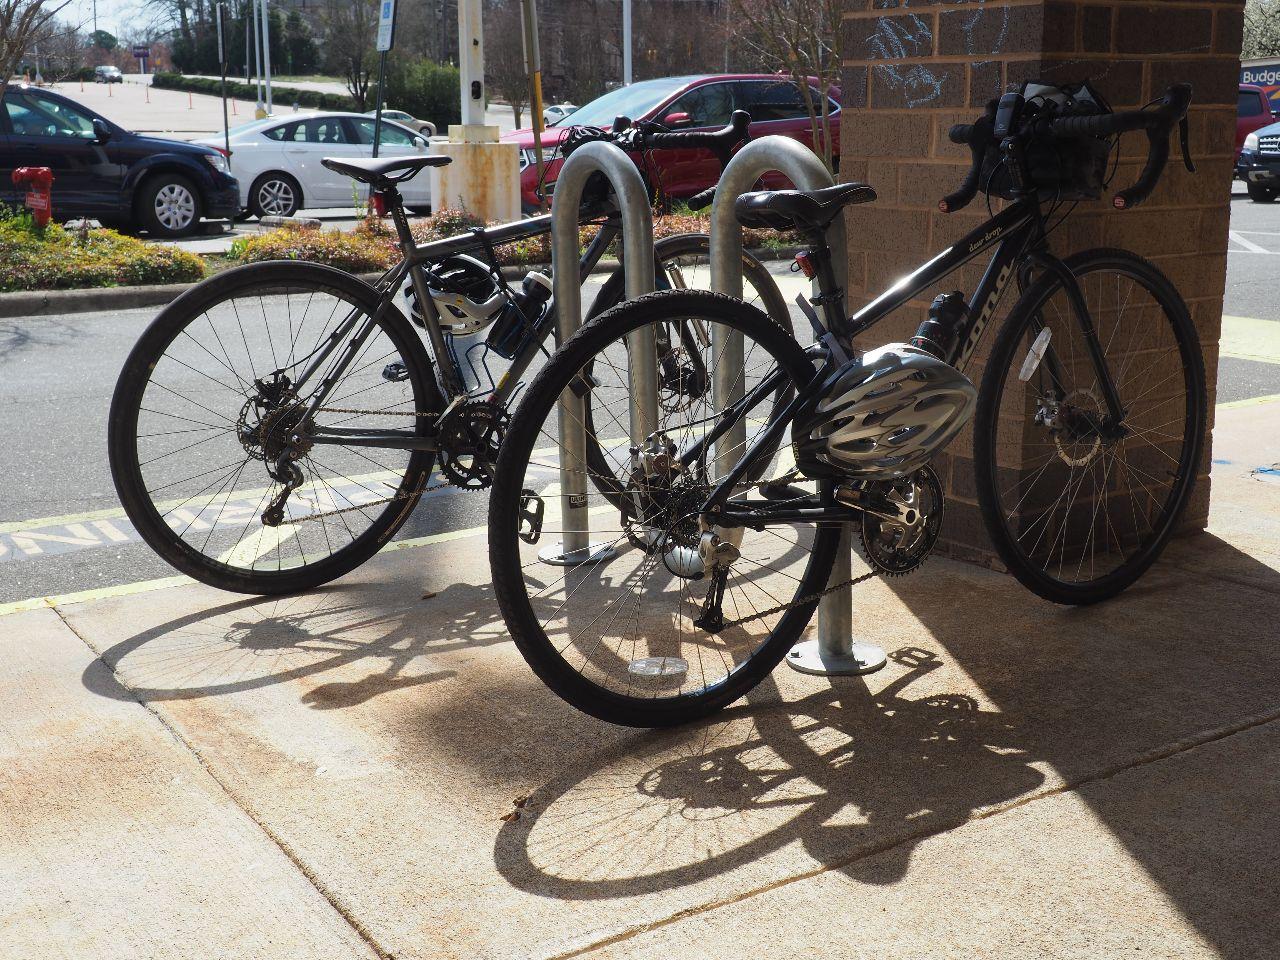 Two bikes at a bike rack.